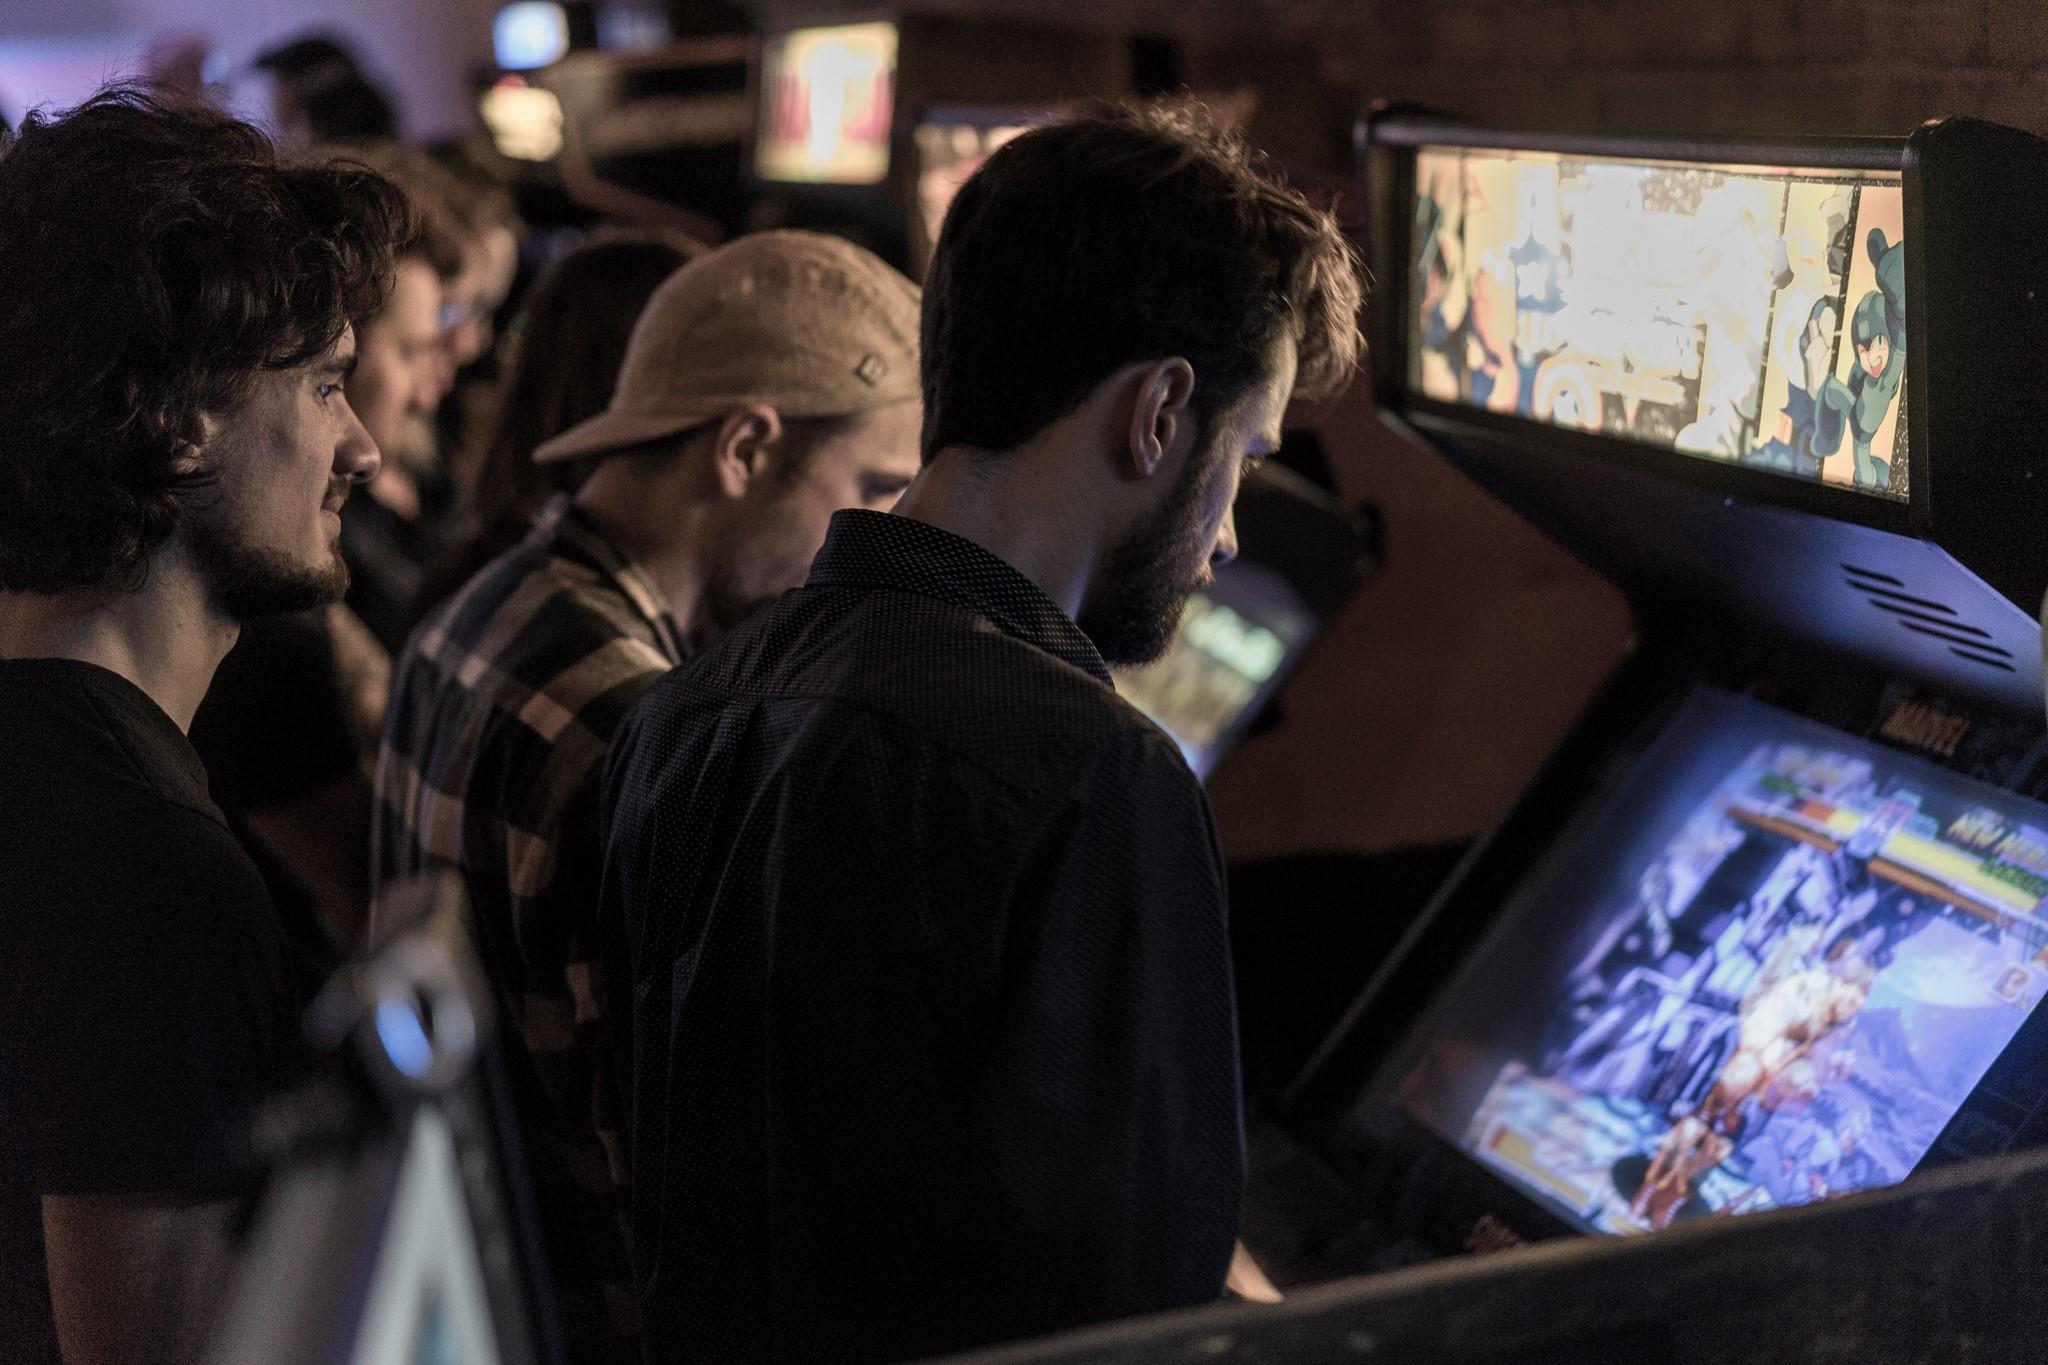 Arcade MTL